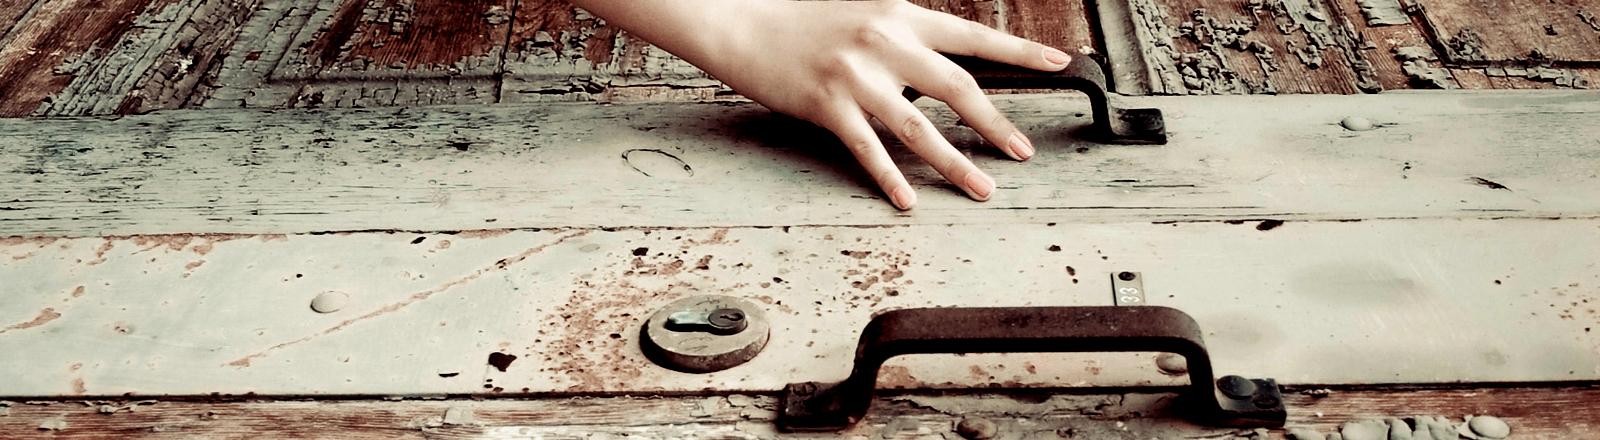 Eine Hand versucht, eine alte, rostige Tür zu öffnen